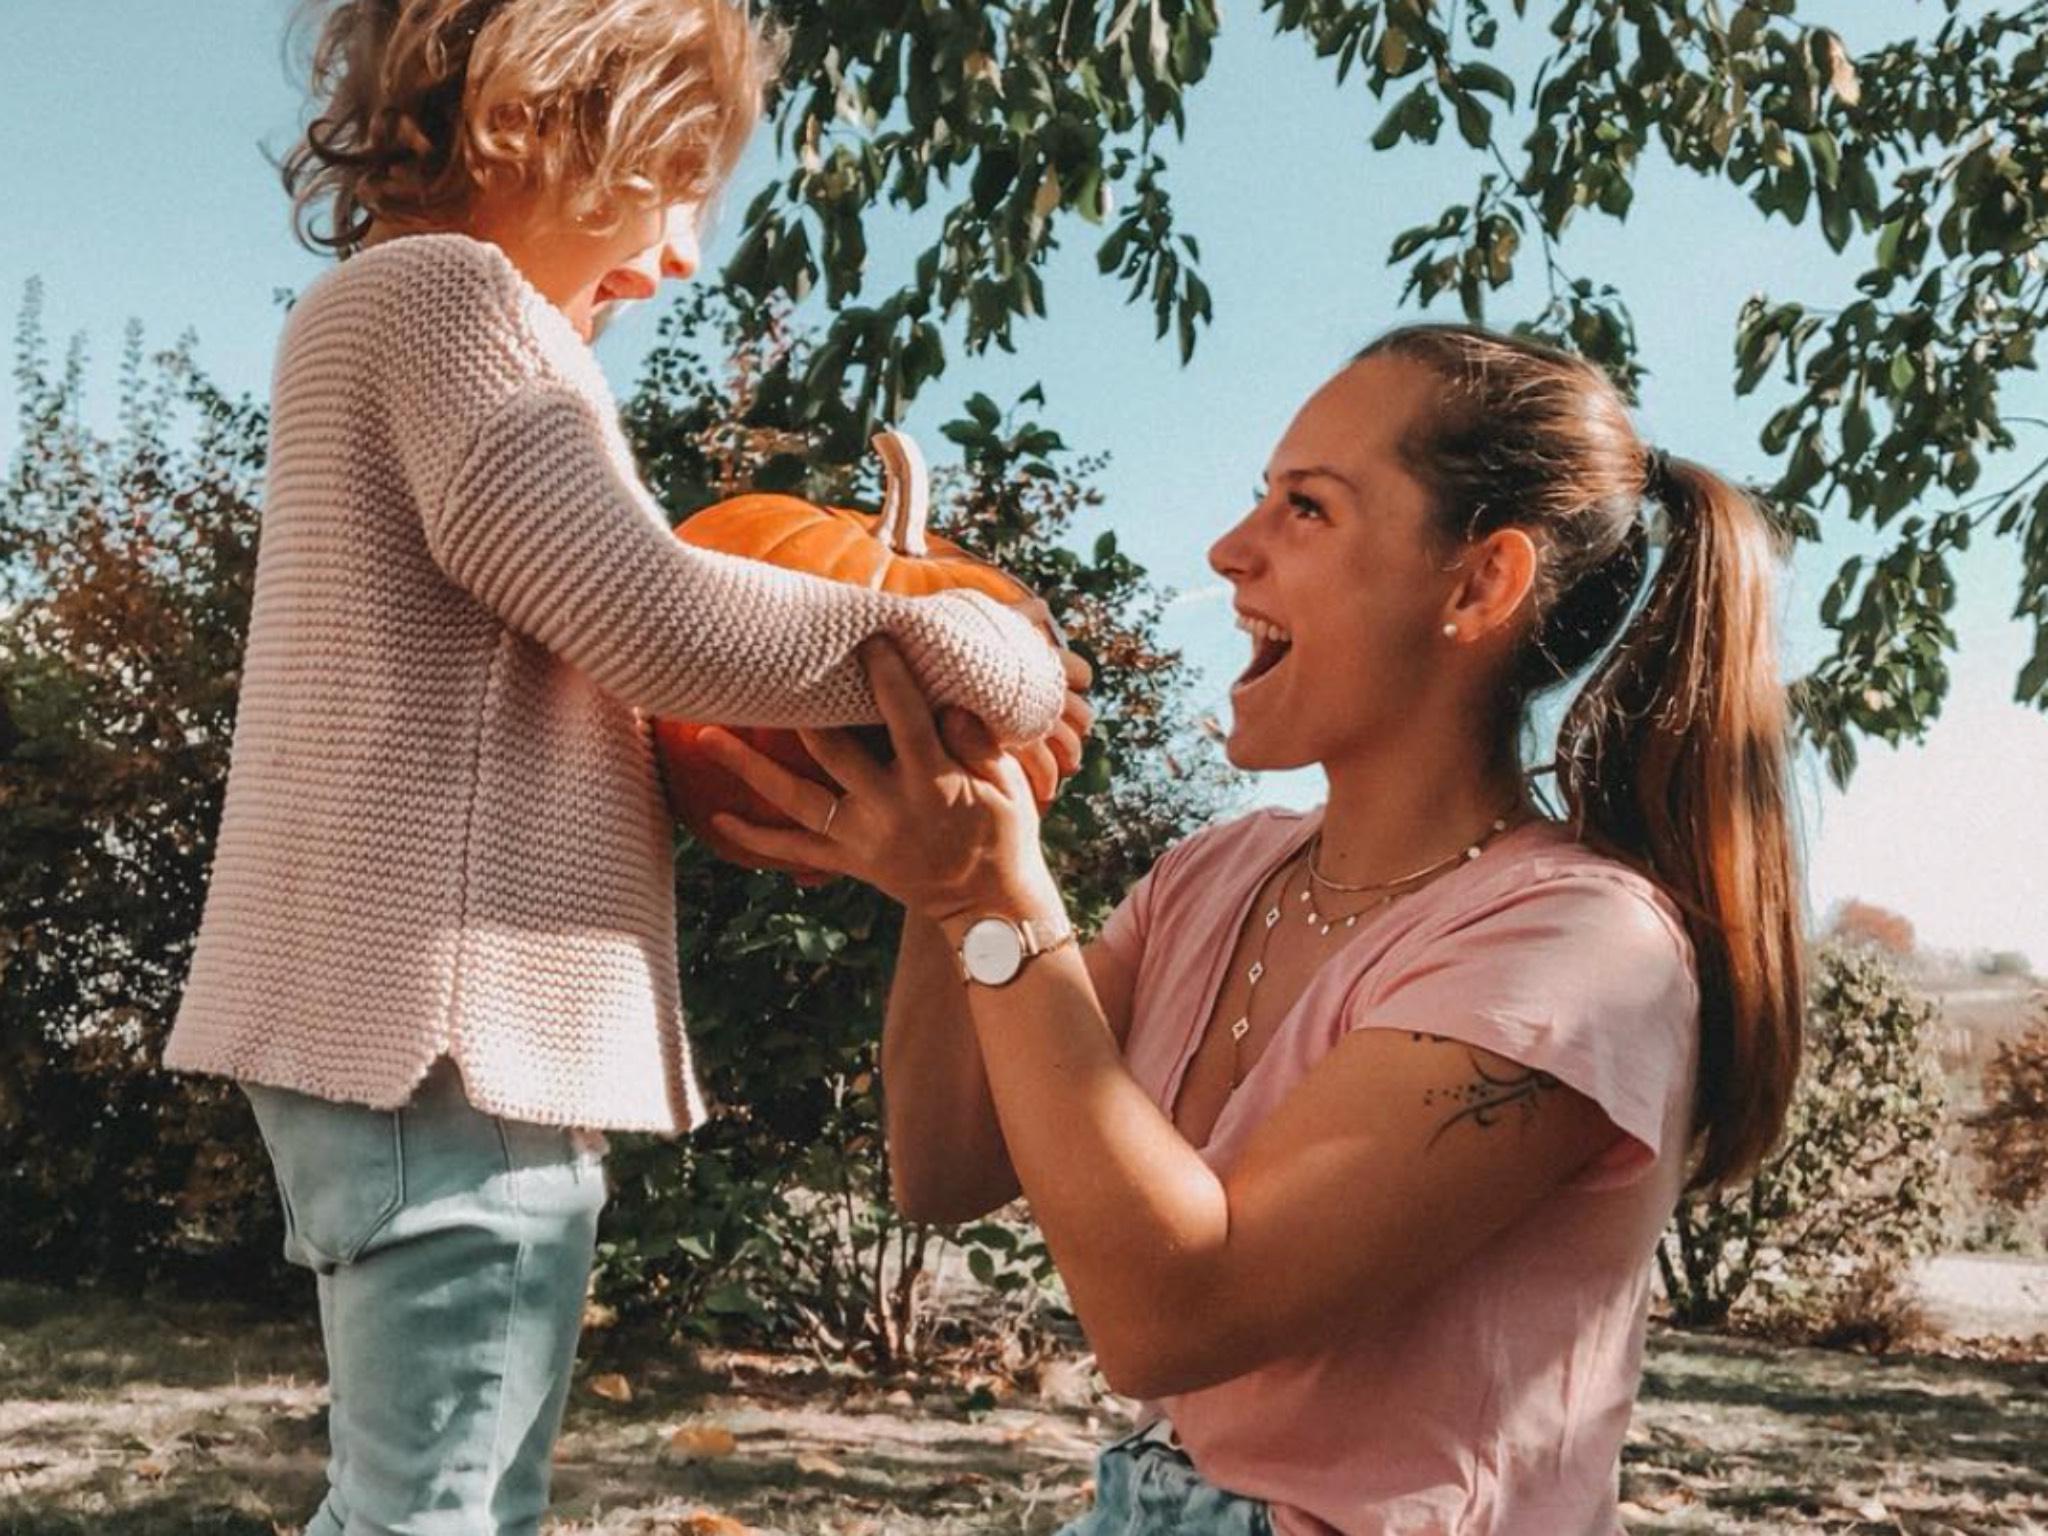 Sie liebt es mit ihrer kleinen Tochter zu spielen. Foto: Christine